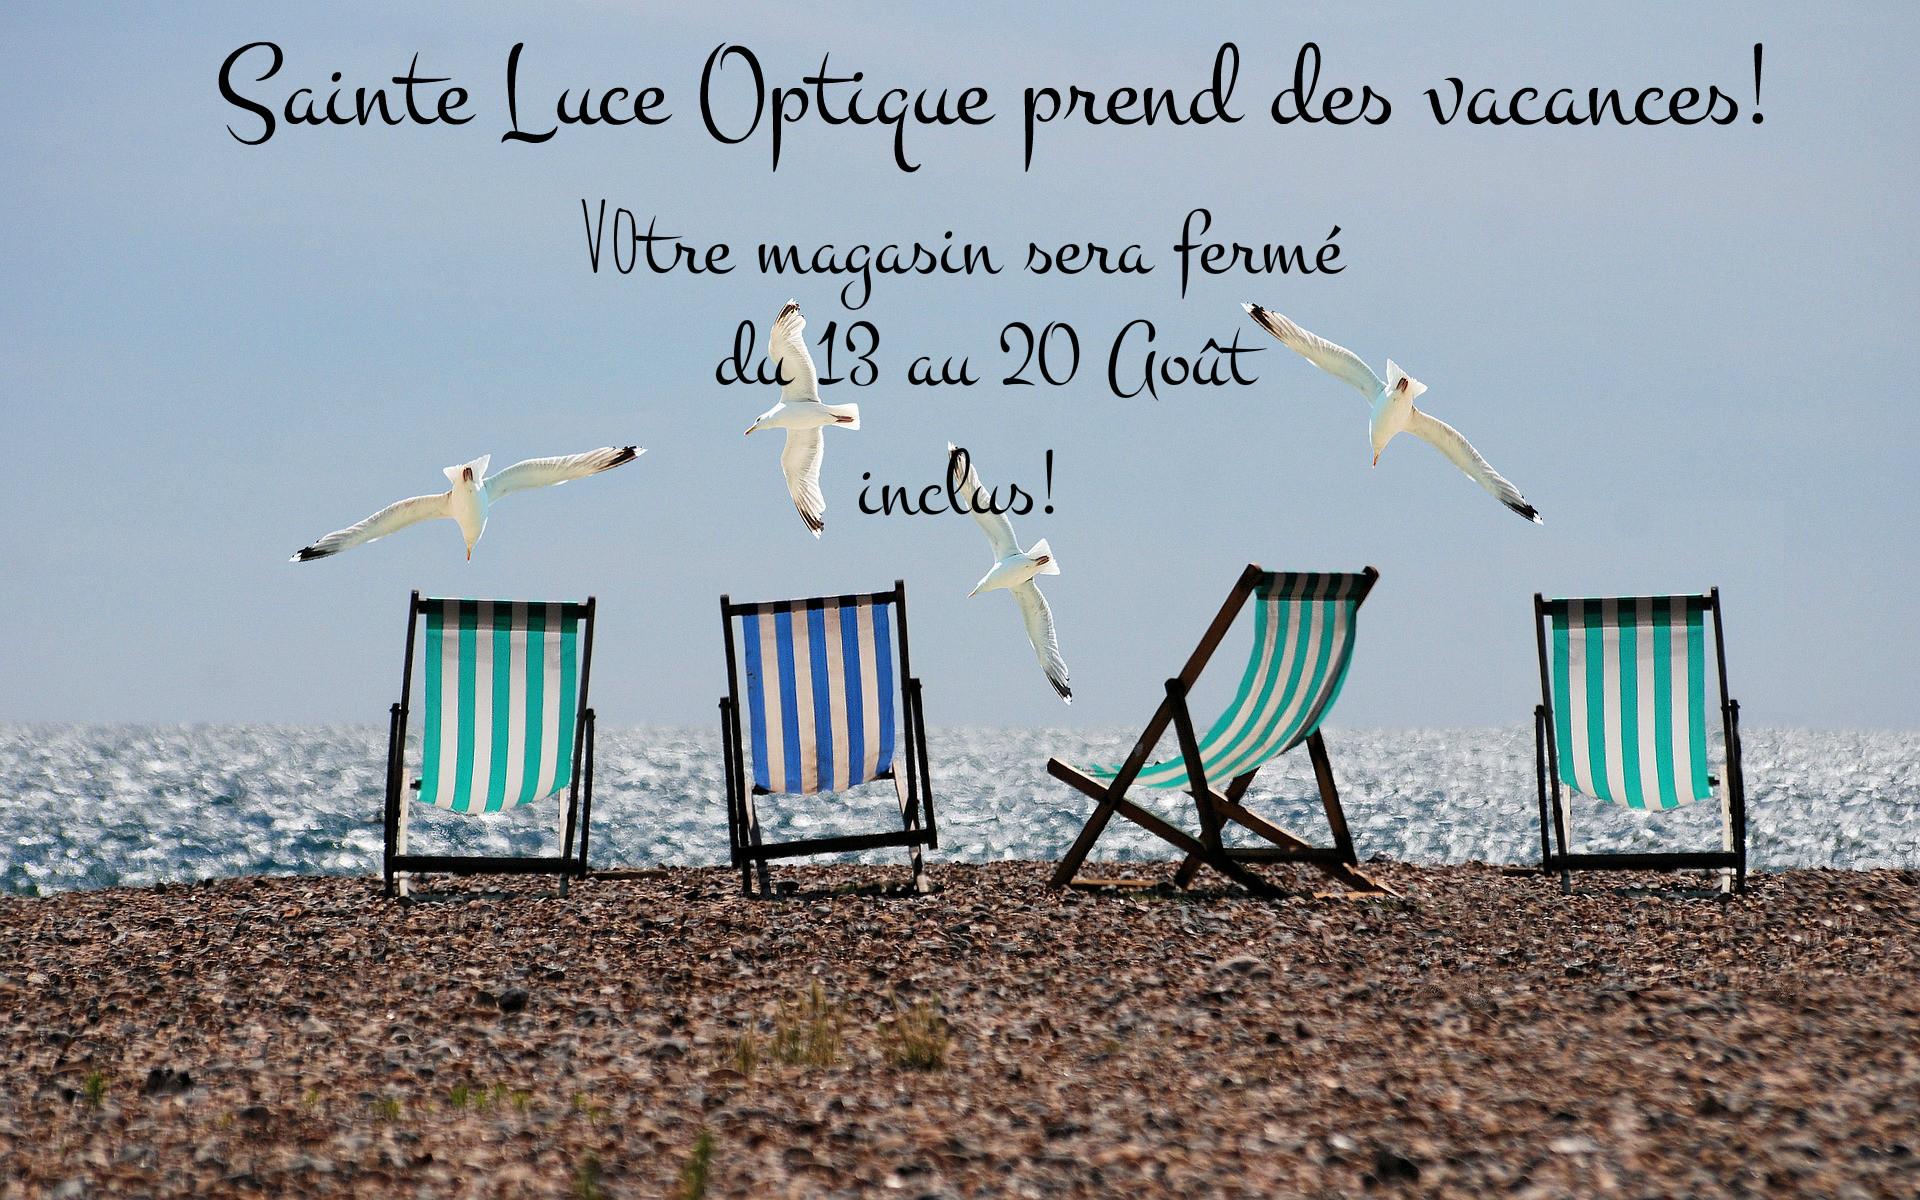 Sainte Luce Optique en vacances du 13 au 20 Août inclus!